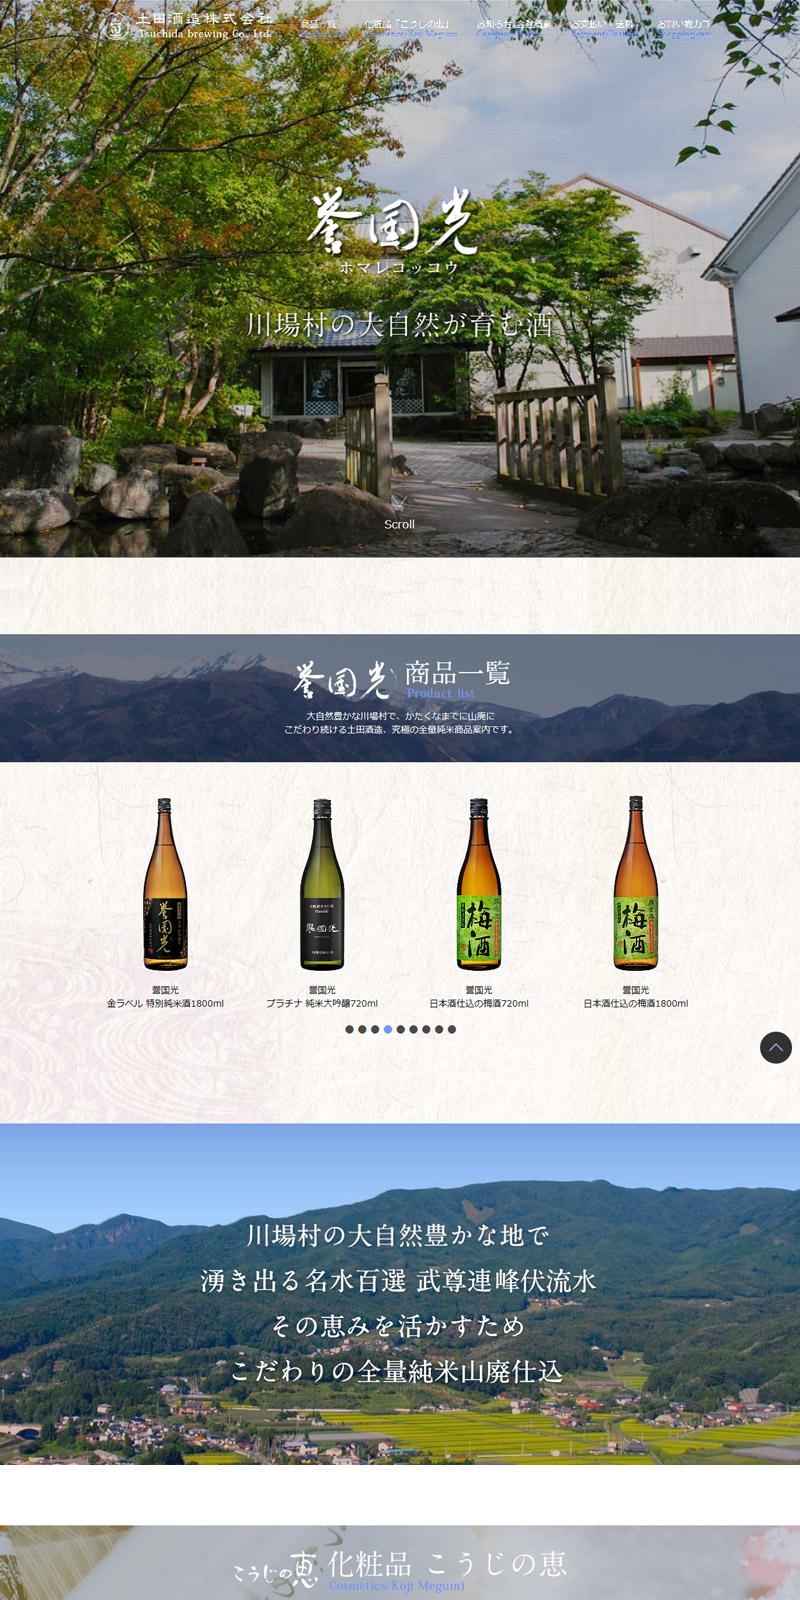 酒蔵「誉国光」- 土田酒造株式会社